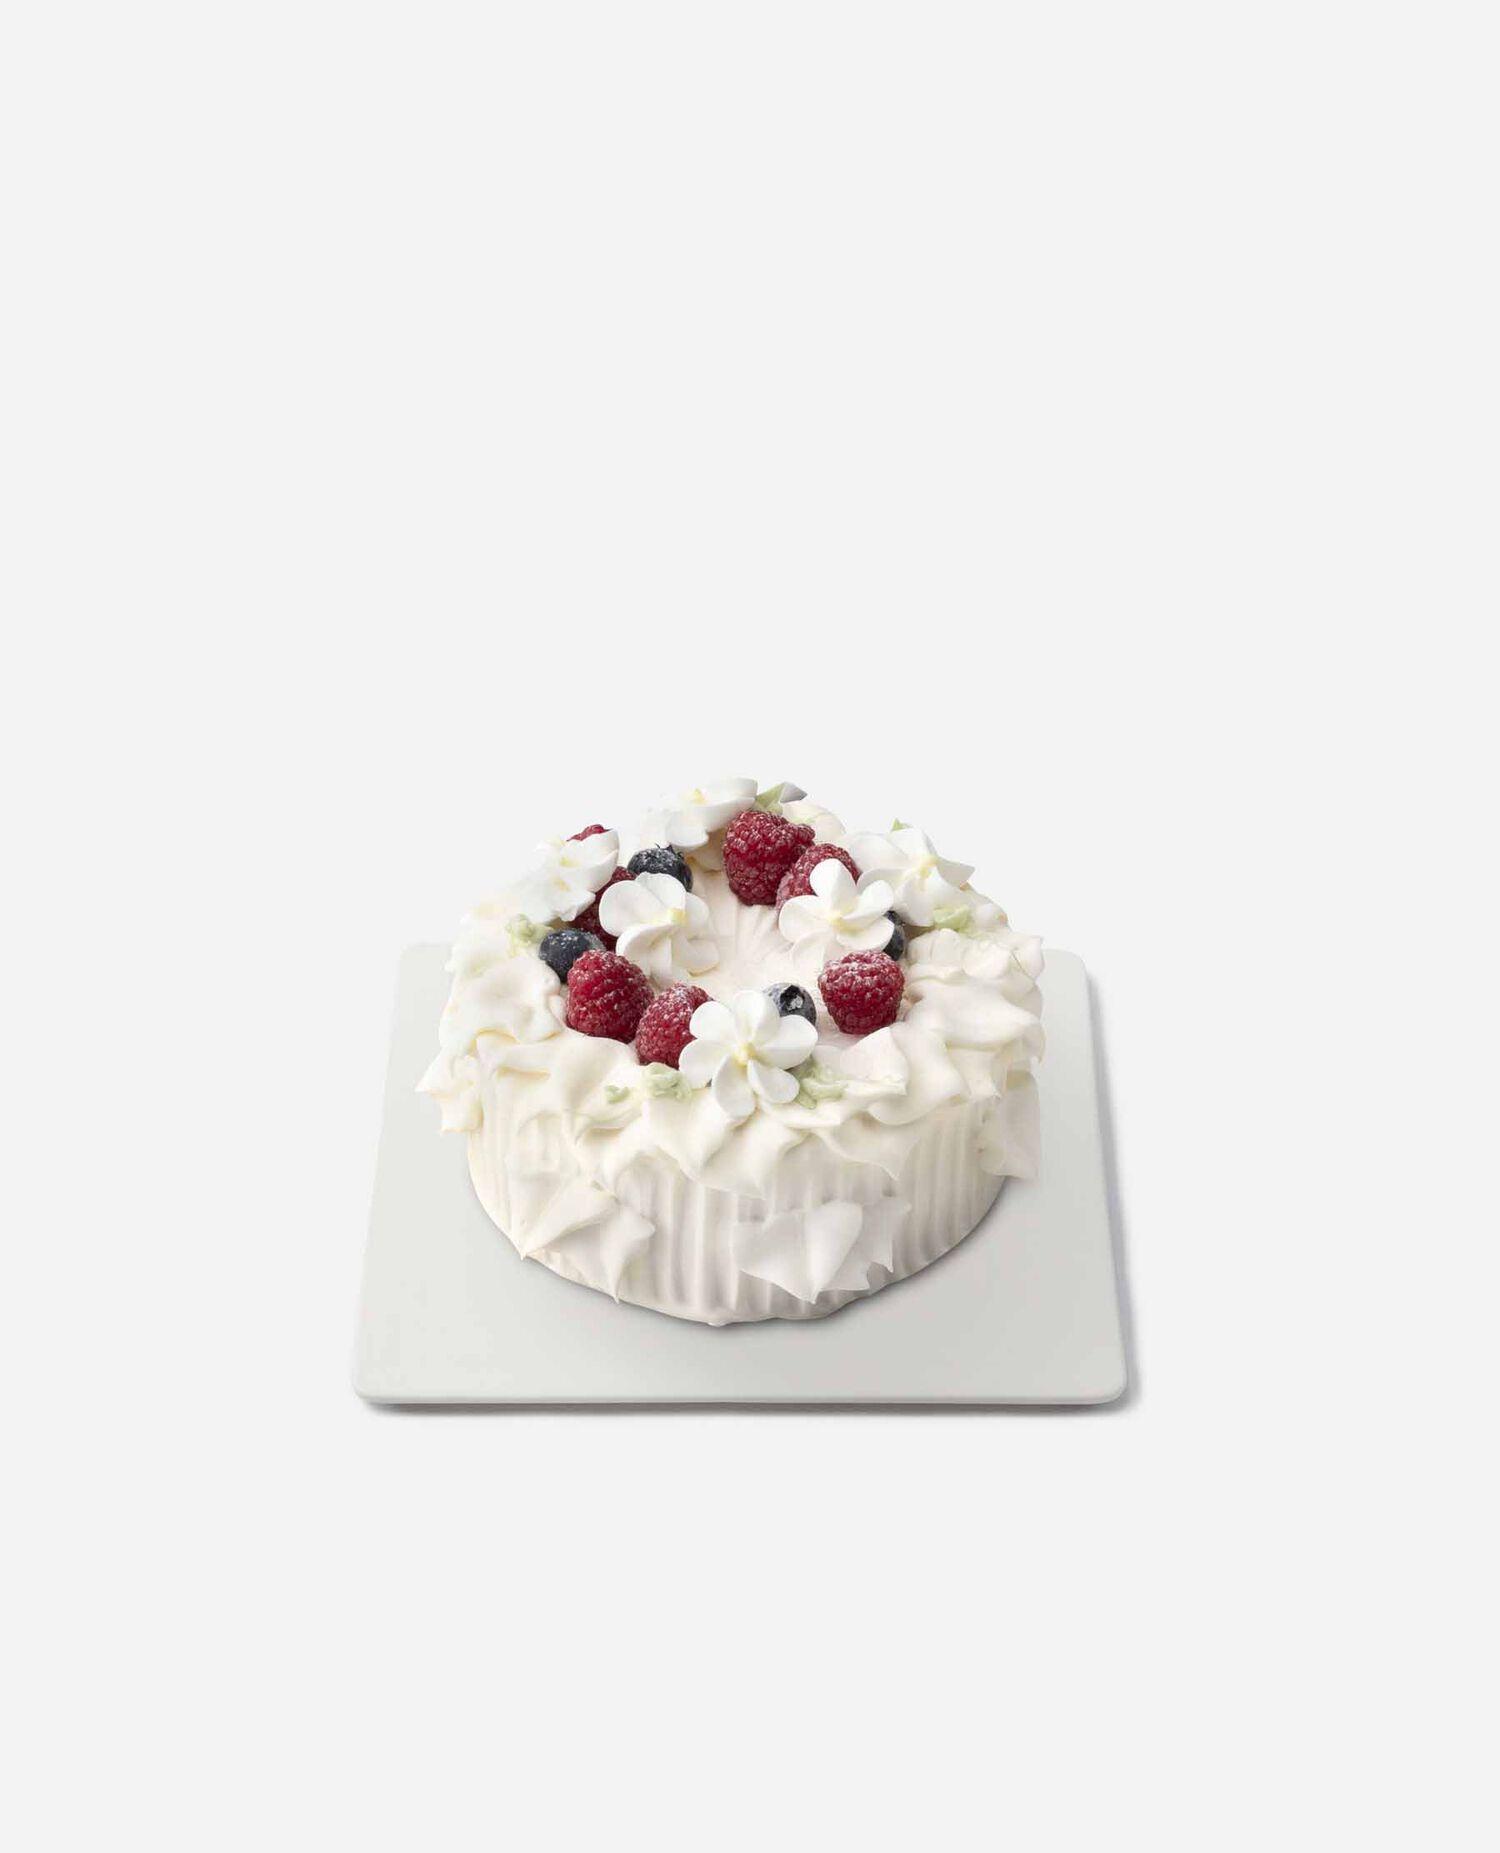 グレースホワイト ショートケーキ